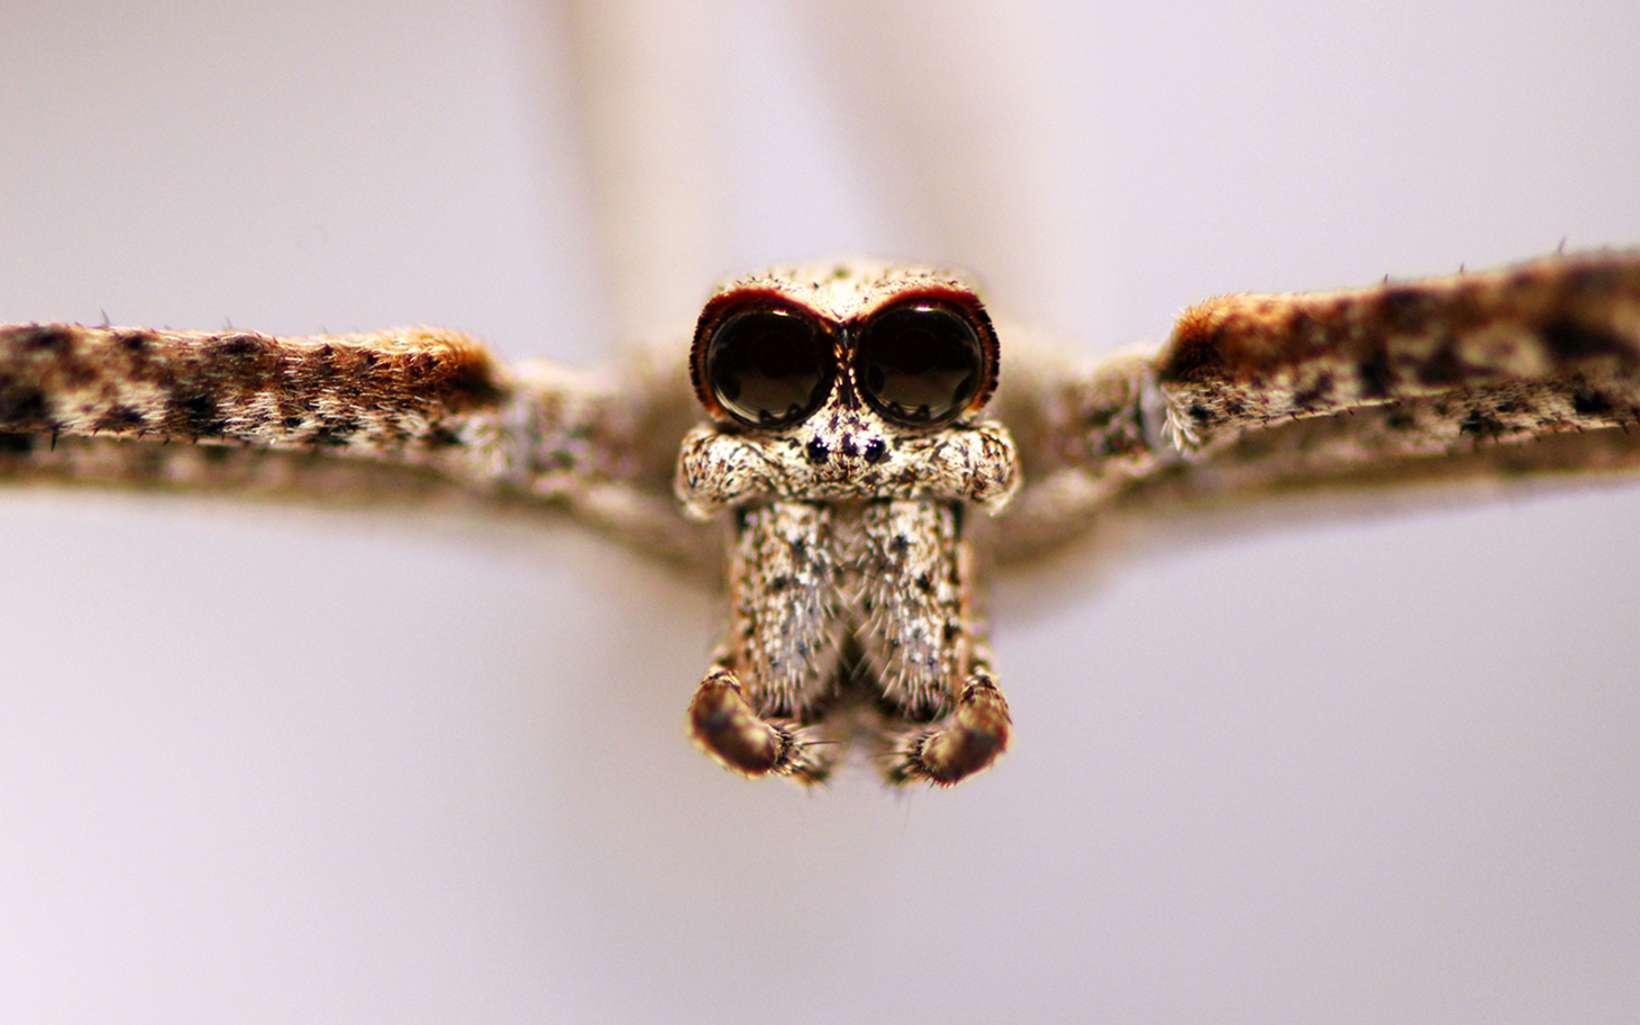 Deinopis spinosa vue de face. Les yeux caractéristiques de cette famille d'arachnides sont particulièrement visibles. © Jay Stafstorm